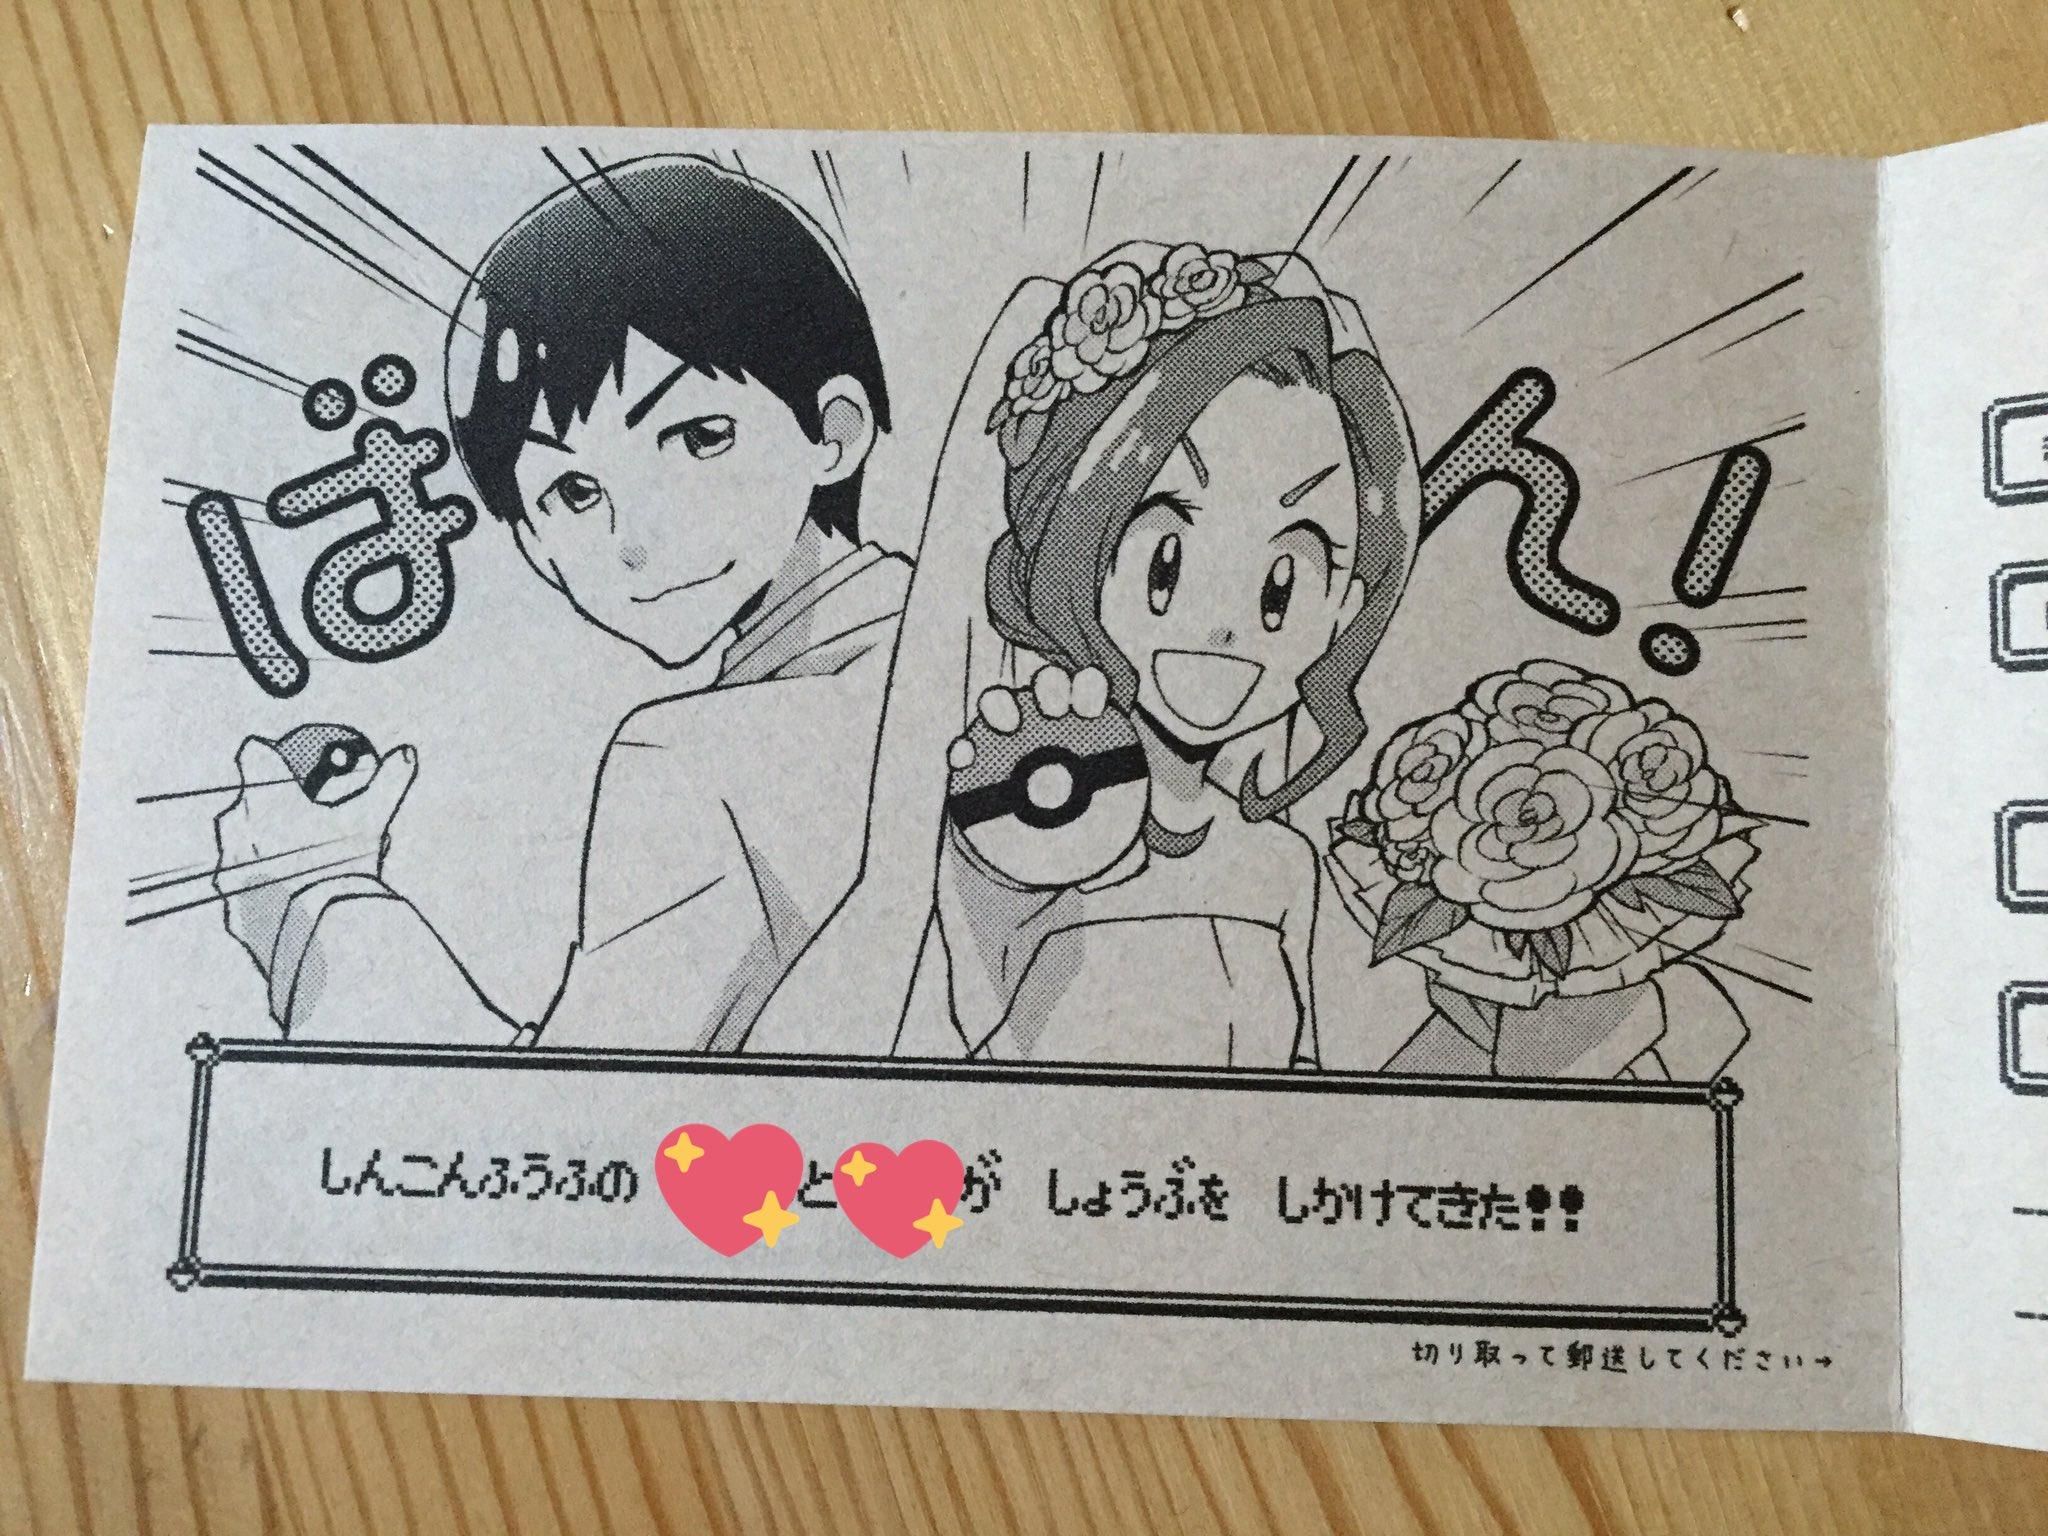 親友の結婚式の招待状が届いたー!✨✨✨ もう流石としかwwwww(画像掲載許可頂いてます